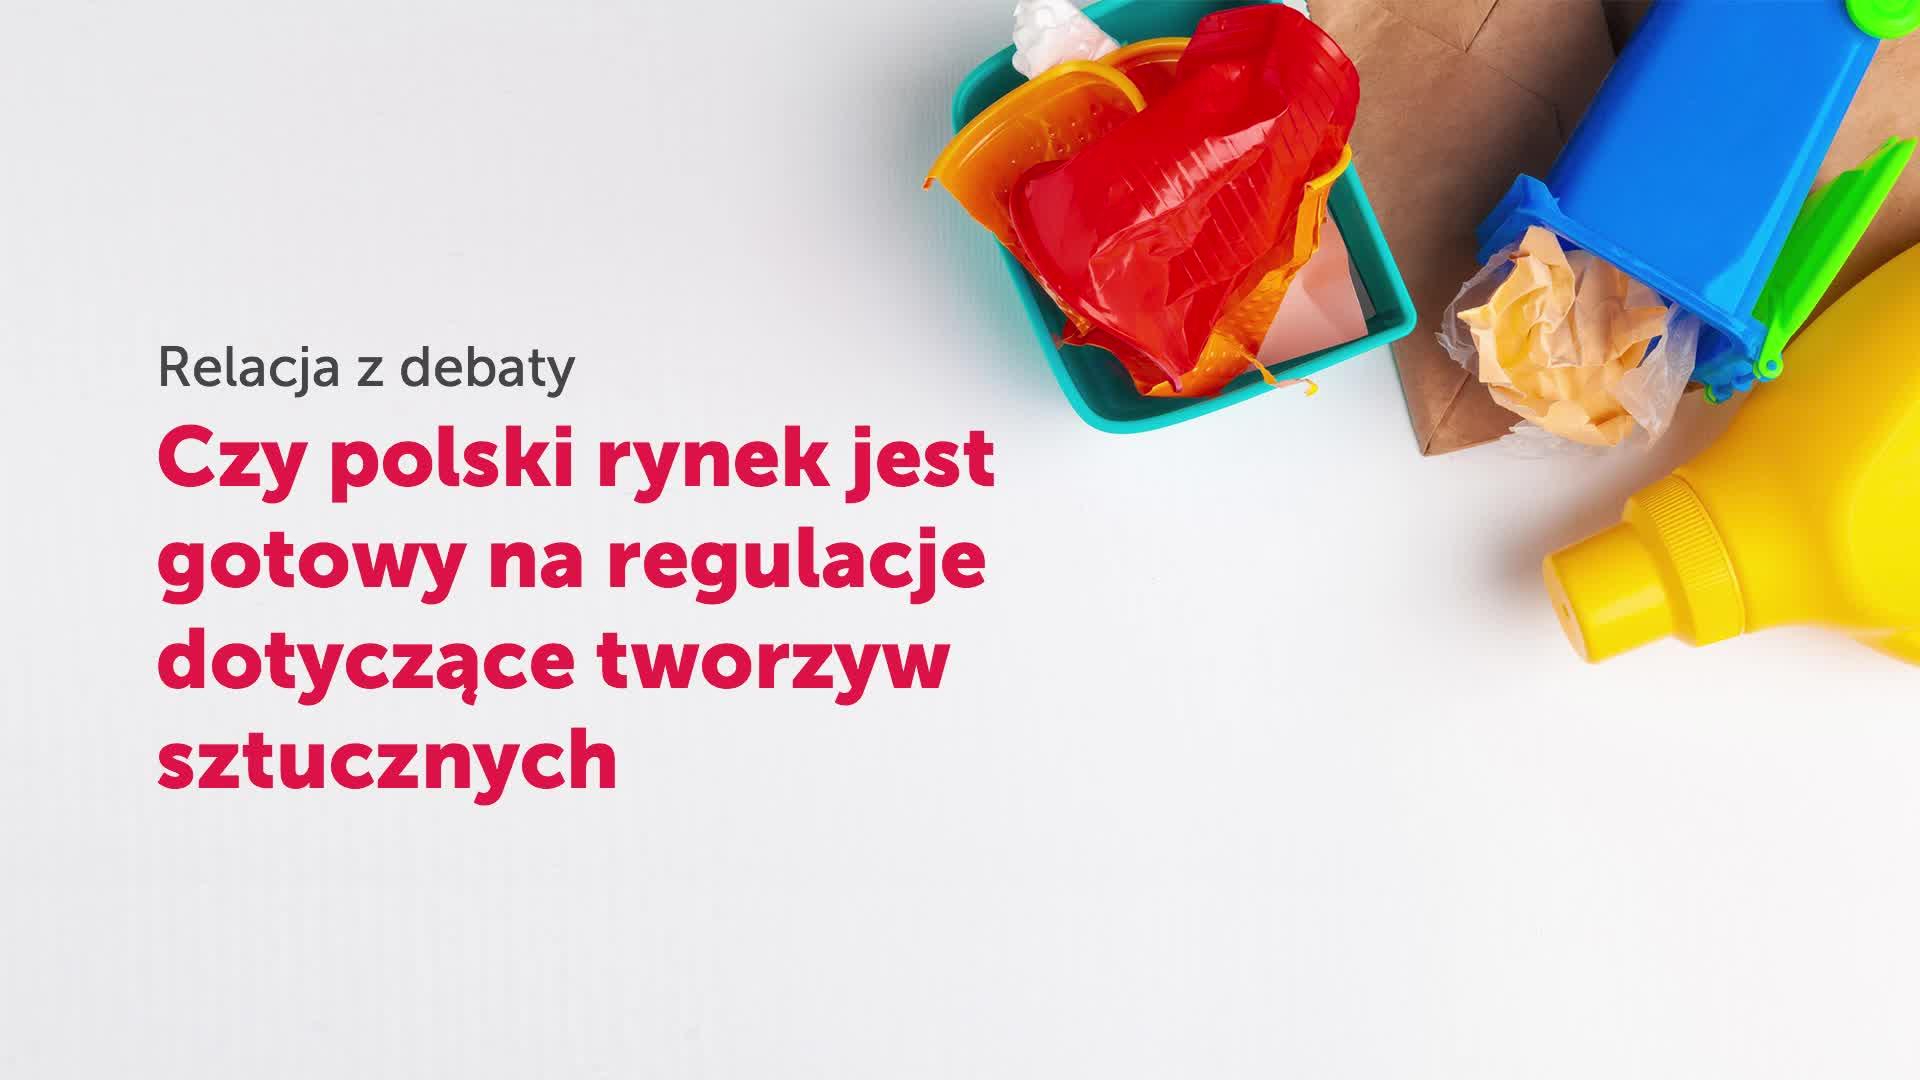 Czy polski rynek jest gotowy na regulacje dotyczące tworzyw sztucznych?